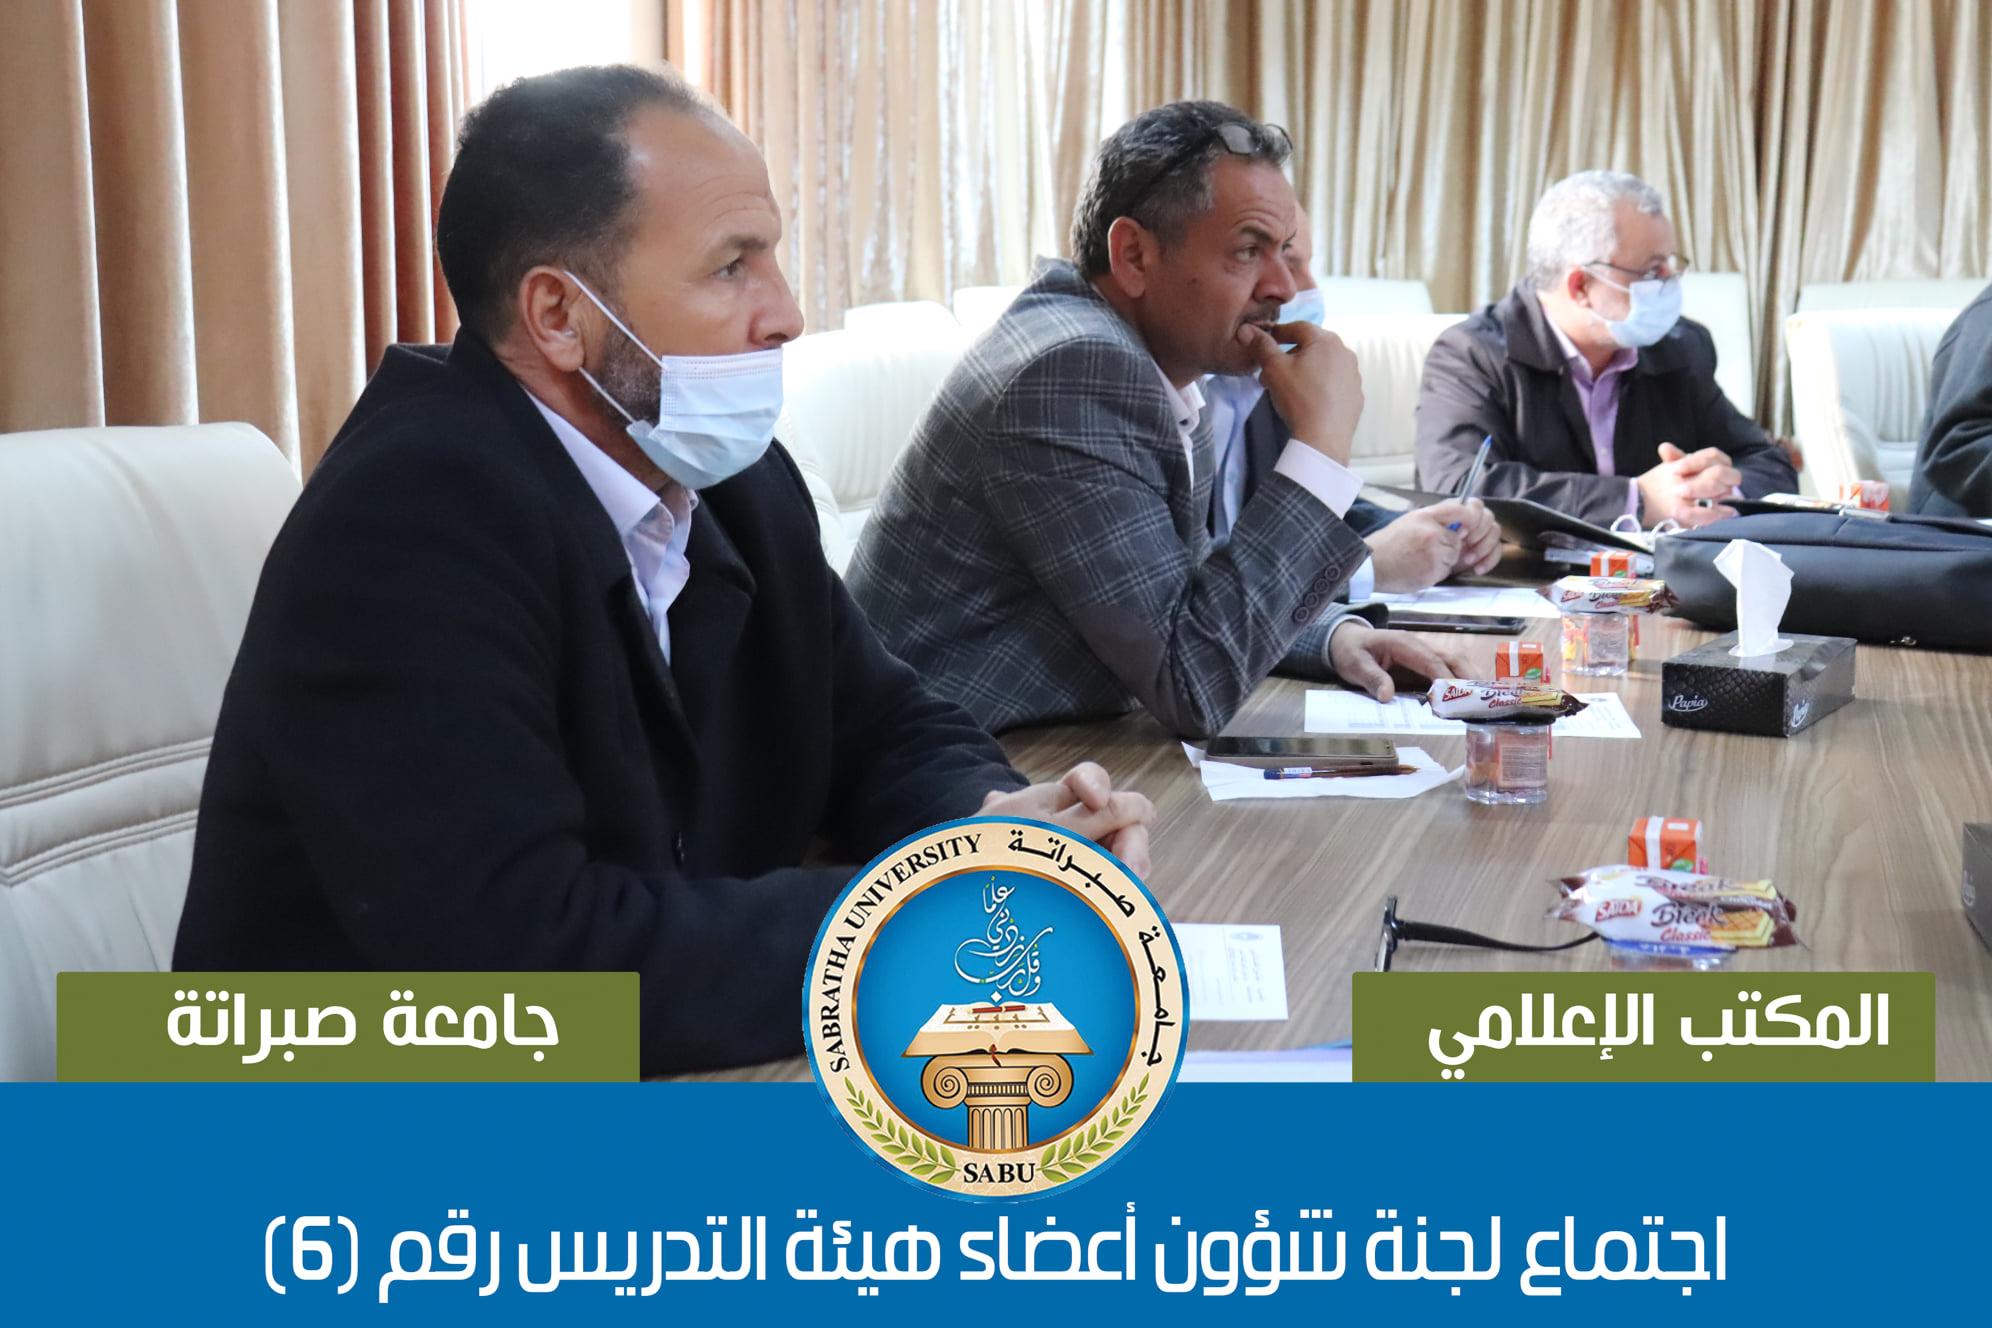 اجتماع لجنة شؤون أعضاء هيئة التدريس رقم (6)